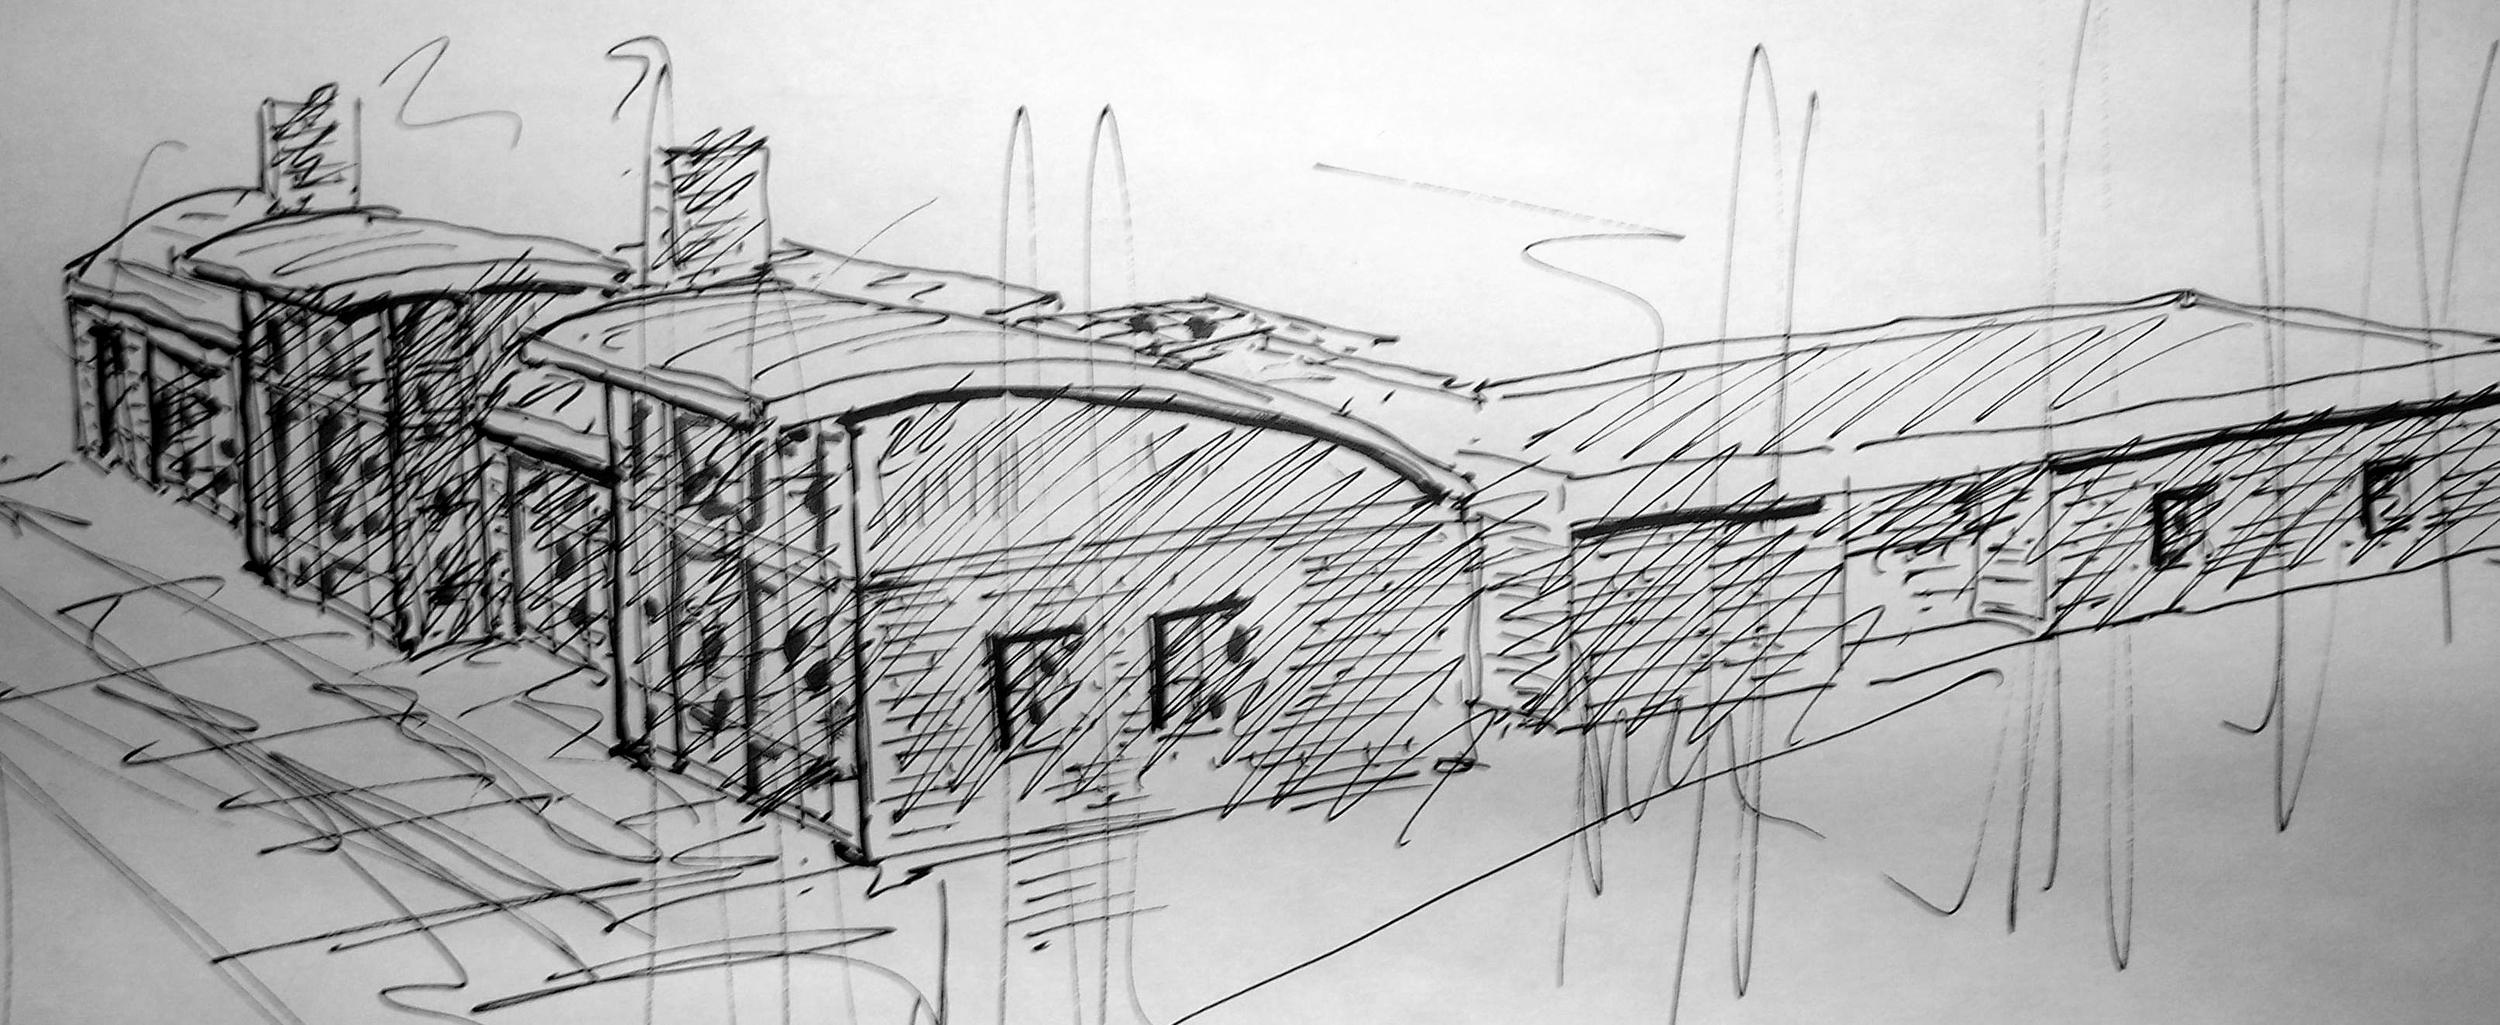 JC misc sketches 018.jpg